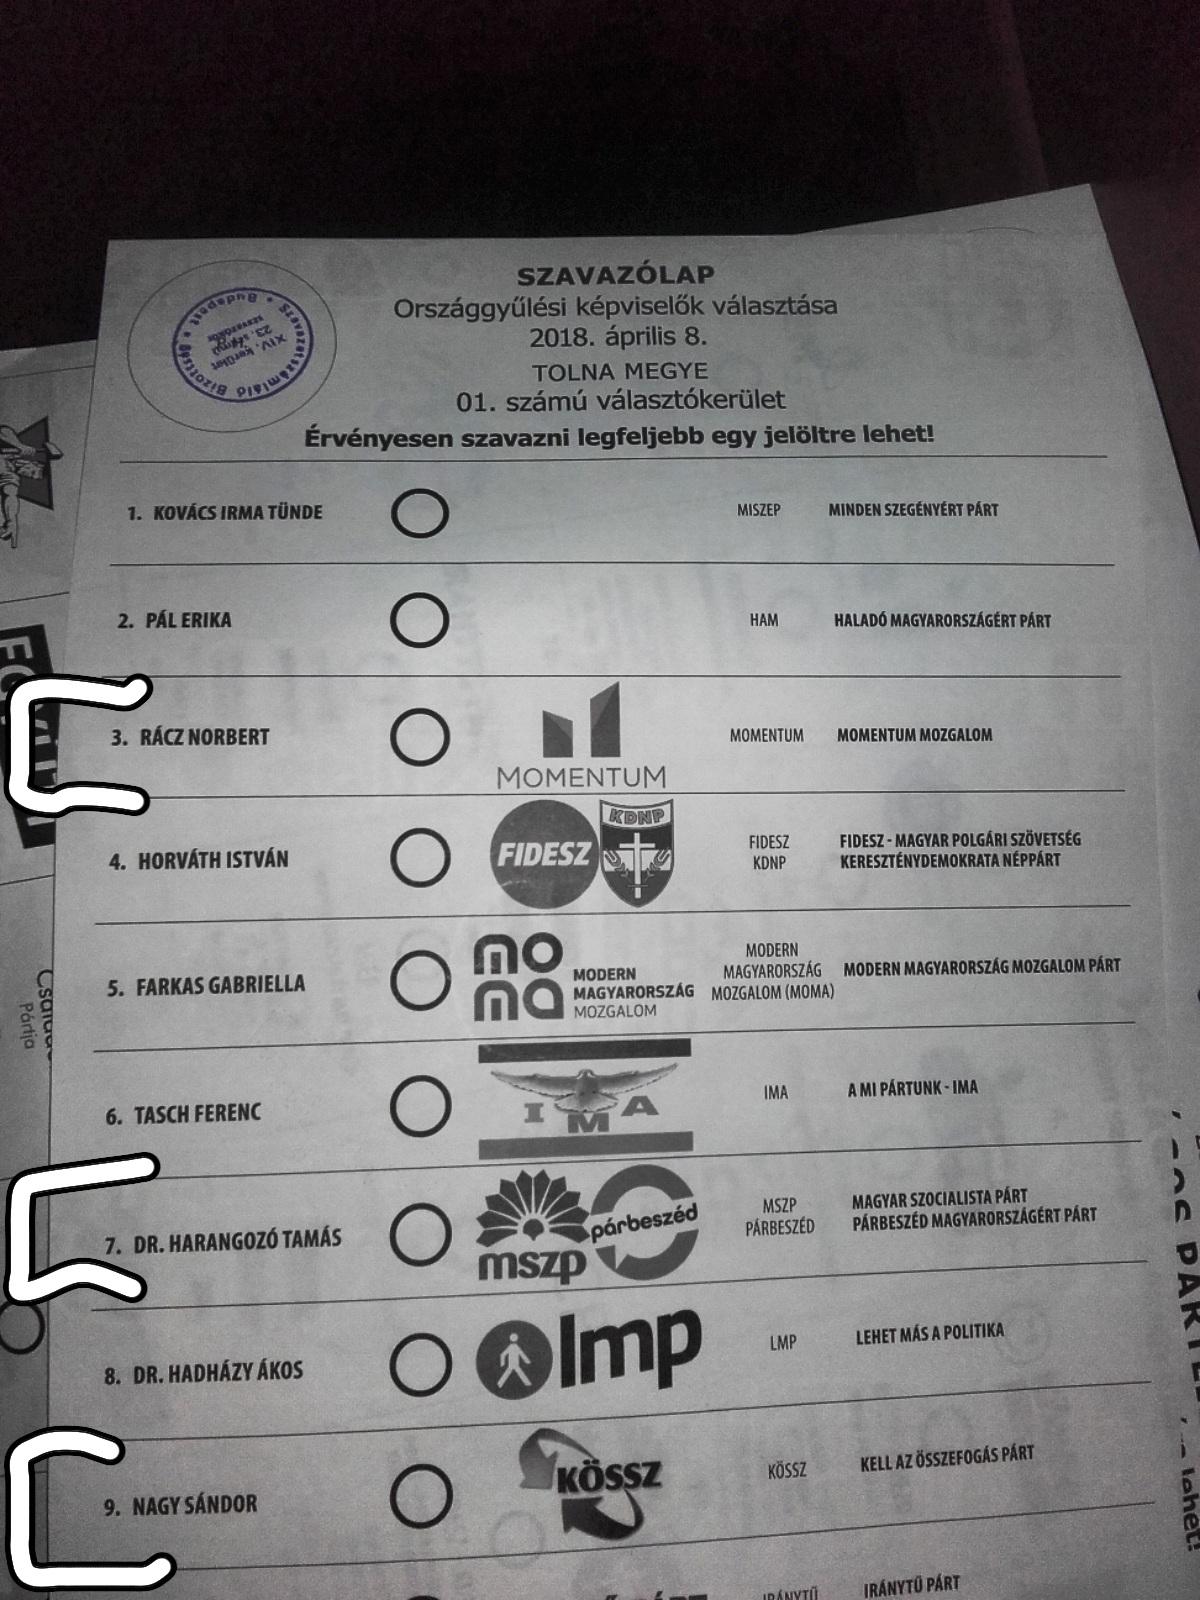 Hadházy Ákos körzetében sem húzták le az átjelentkezős szavazólapokról a visszalépett jelölteket